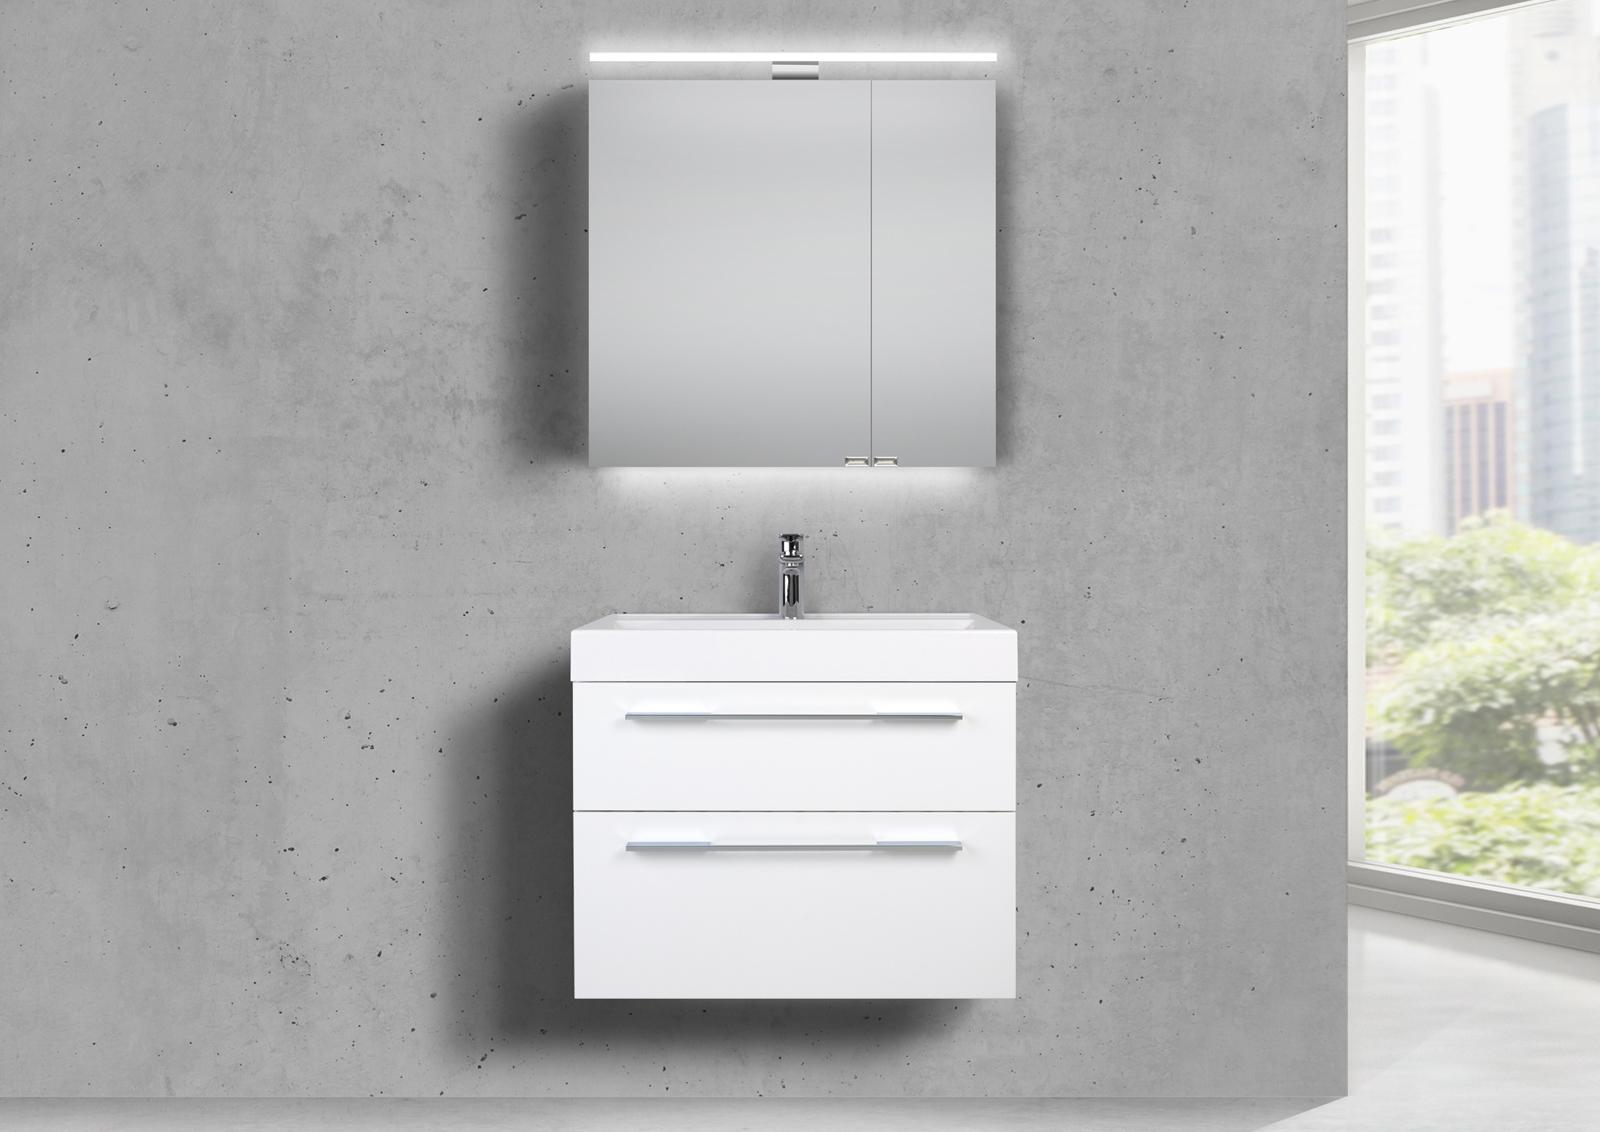 badm bel set 70 cm waschtisch evermite mit spiegelschrank led wei hg lack. Black Bedroom Furniture Sets. Home Design Ideas